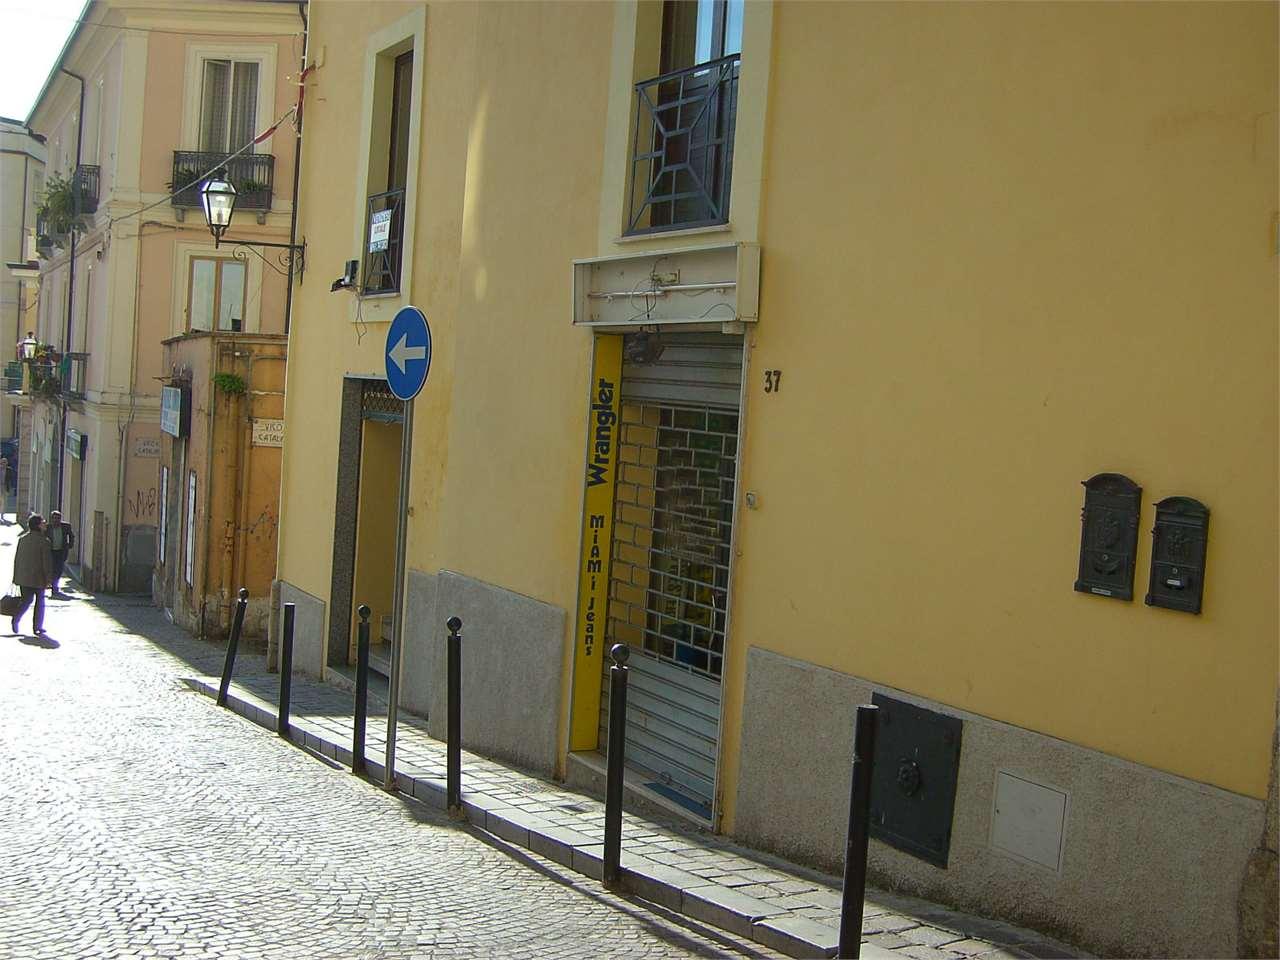 Negozio / Locale in vendita a Catanzaro, 1 locali, zona Zona: Centro storico , prezzo € 65.000 | Cambio Casa.it